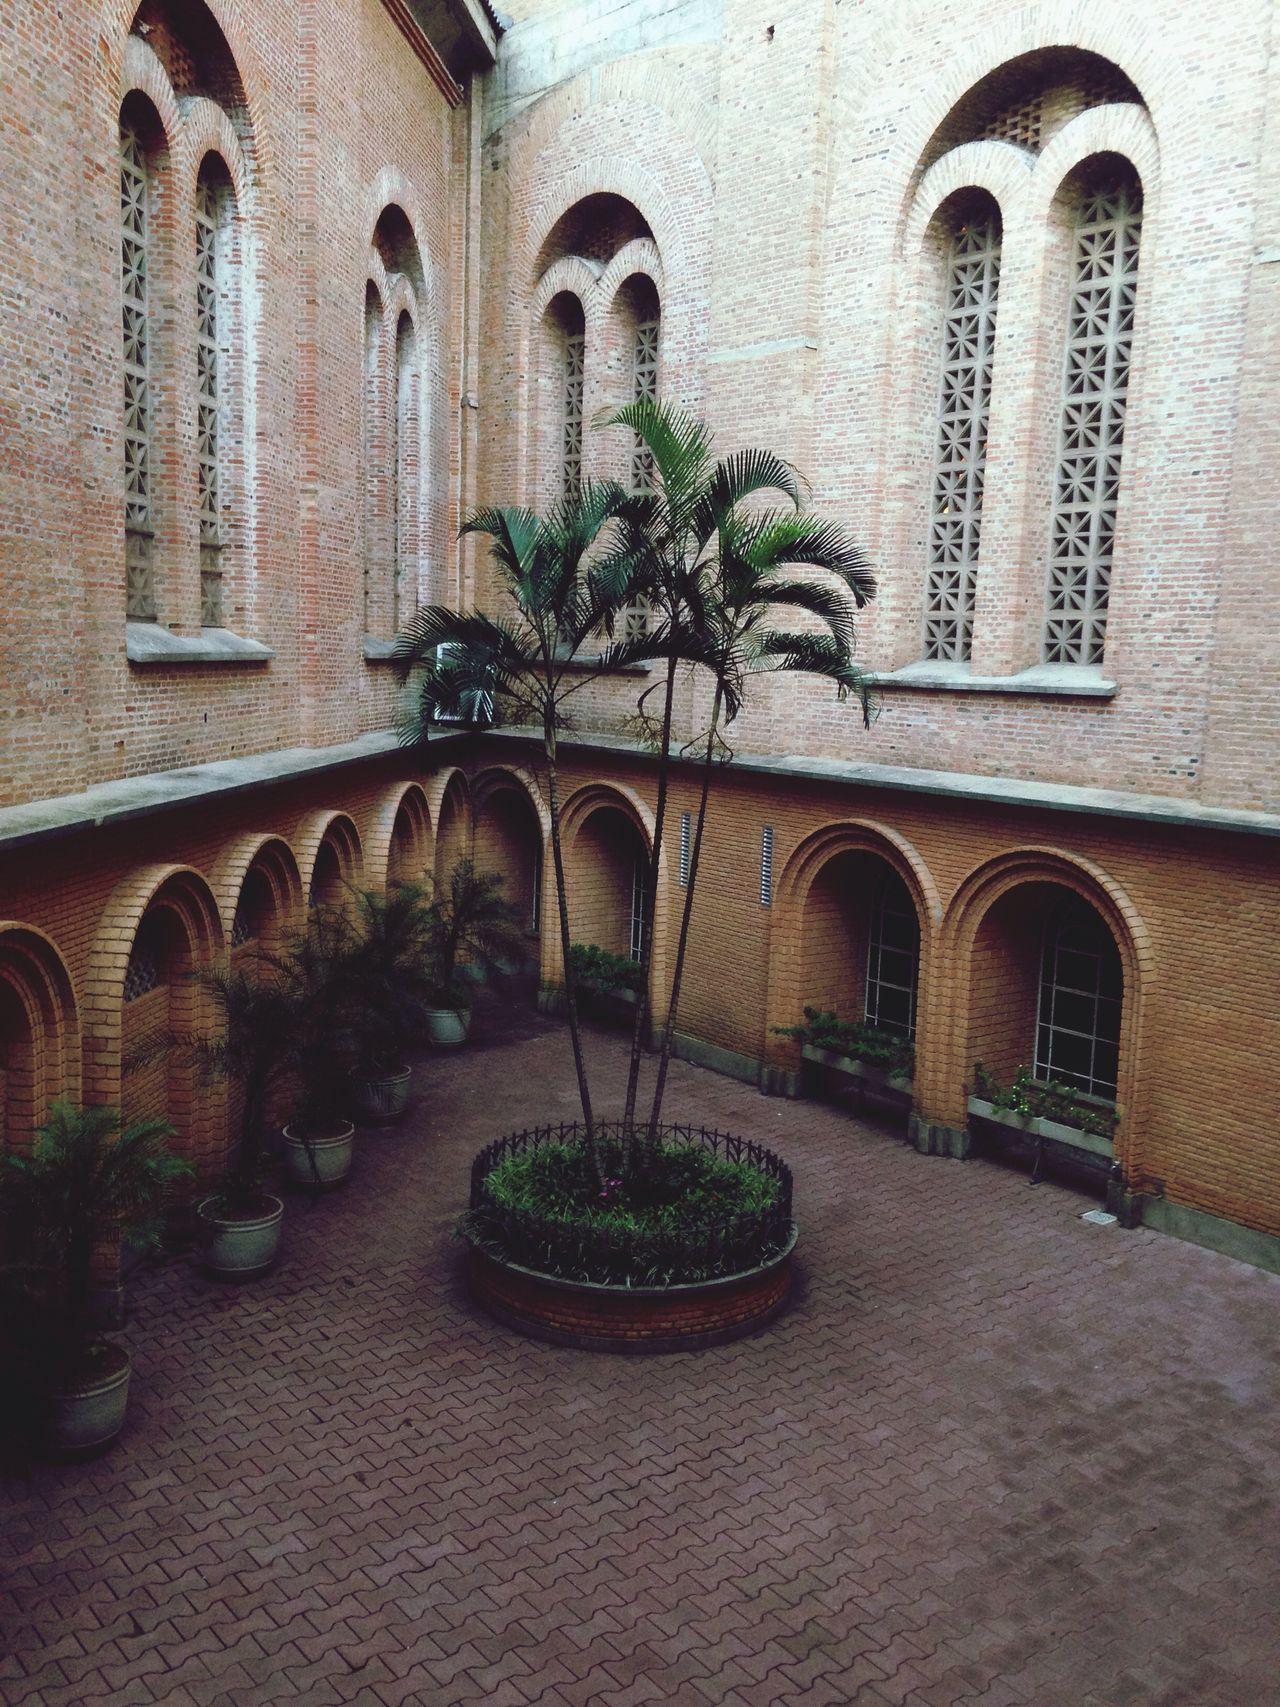 Aparecidadonorte Basilica Brasil Saopaulo